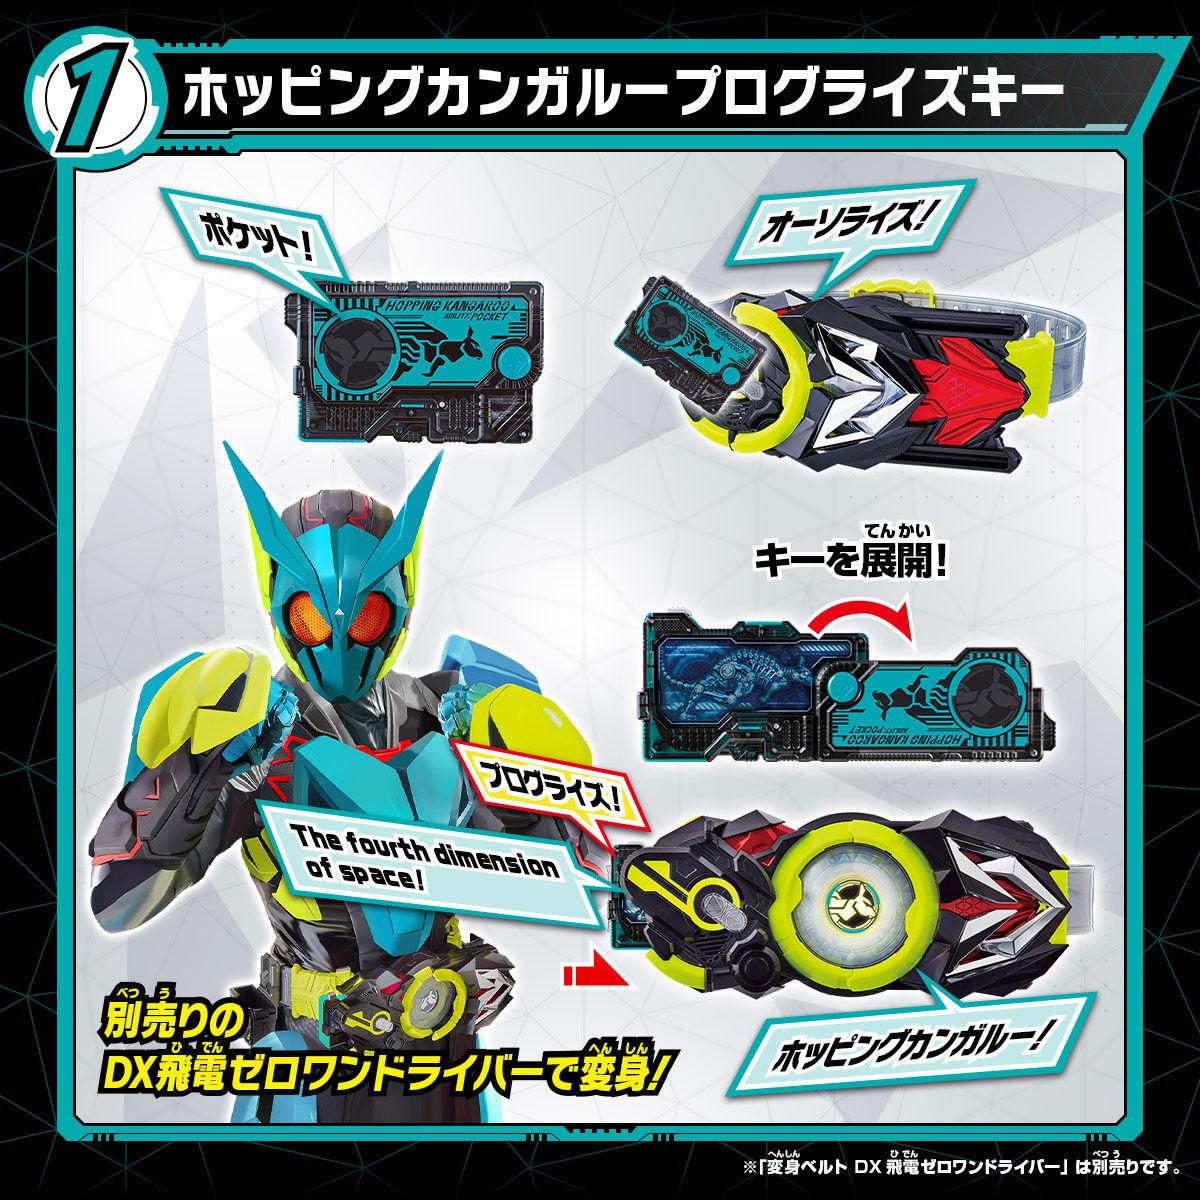 【限定販売】仮面ライダーゼロワン『DXプログライズキーセット03』変身なりきり-003